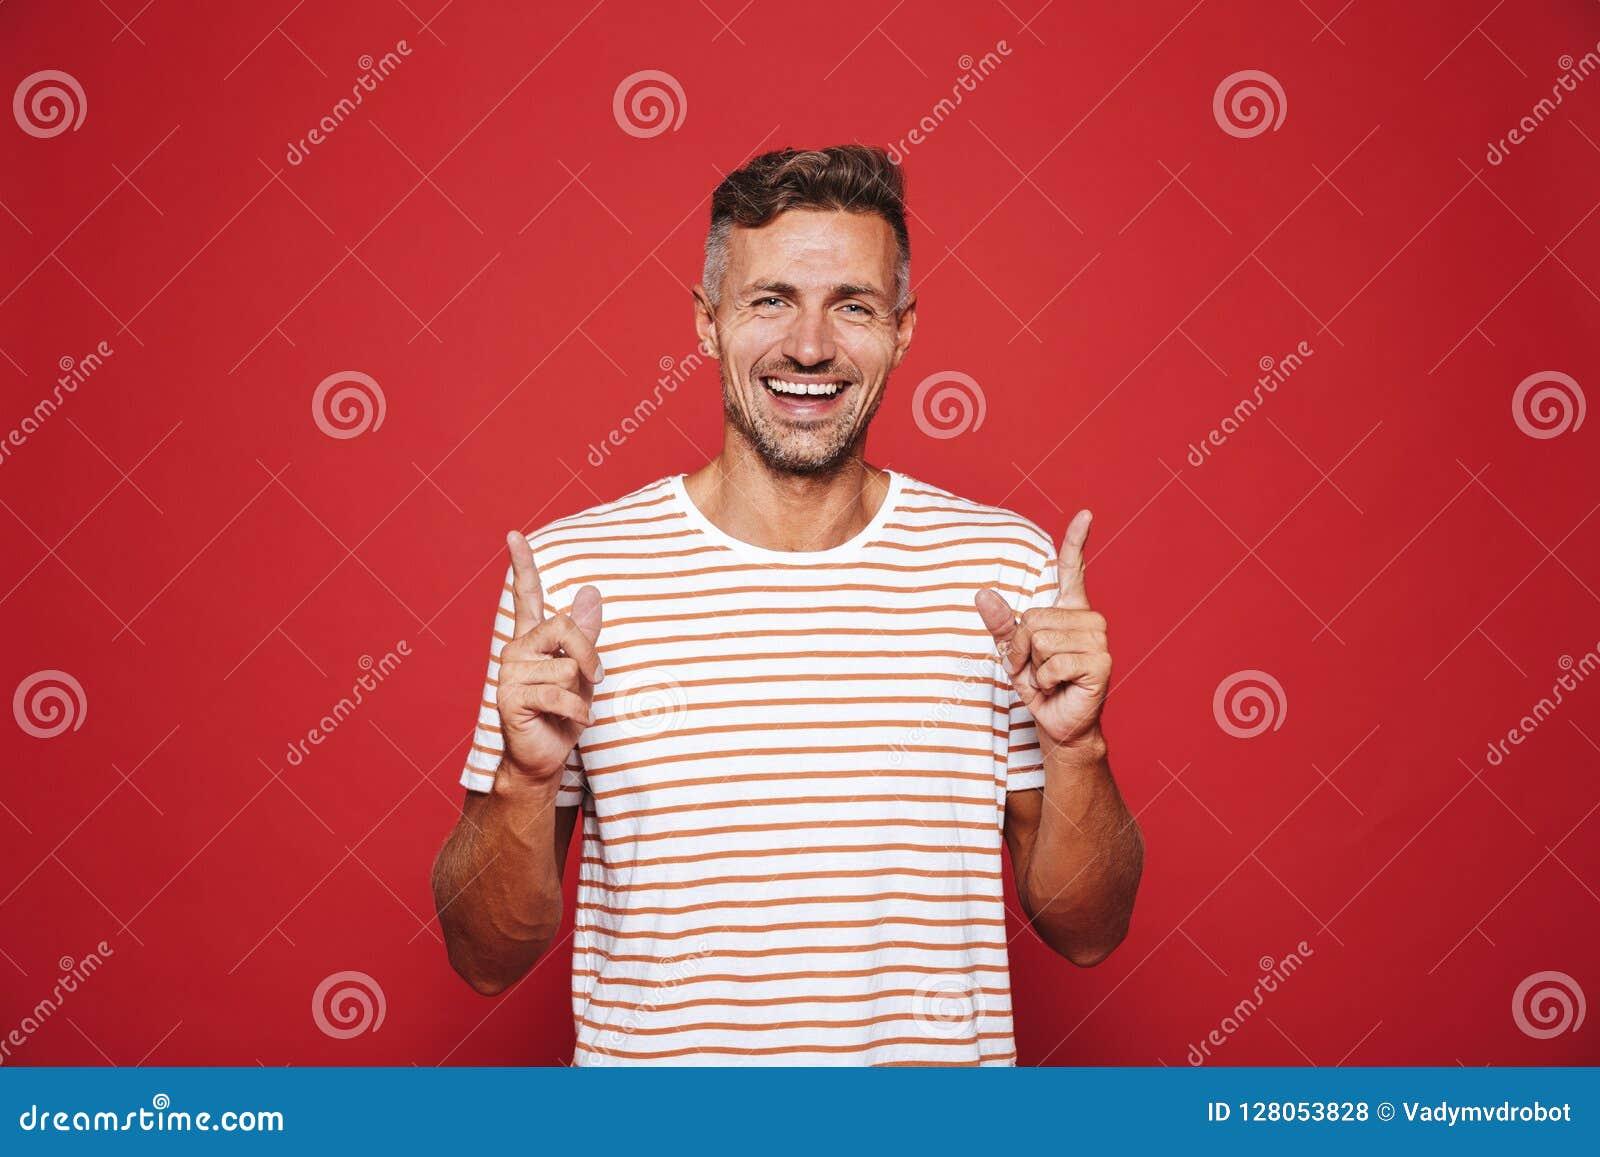 Pozytywny mężczyzna gestykuluje palce wskazujących oddolny a w pasiastej koszulce